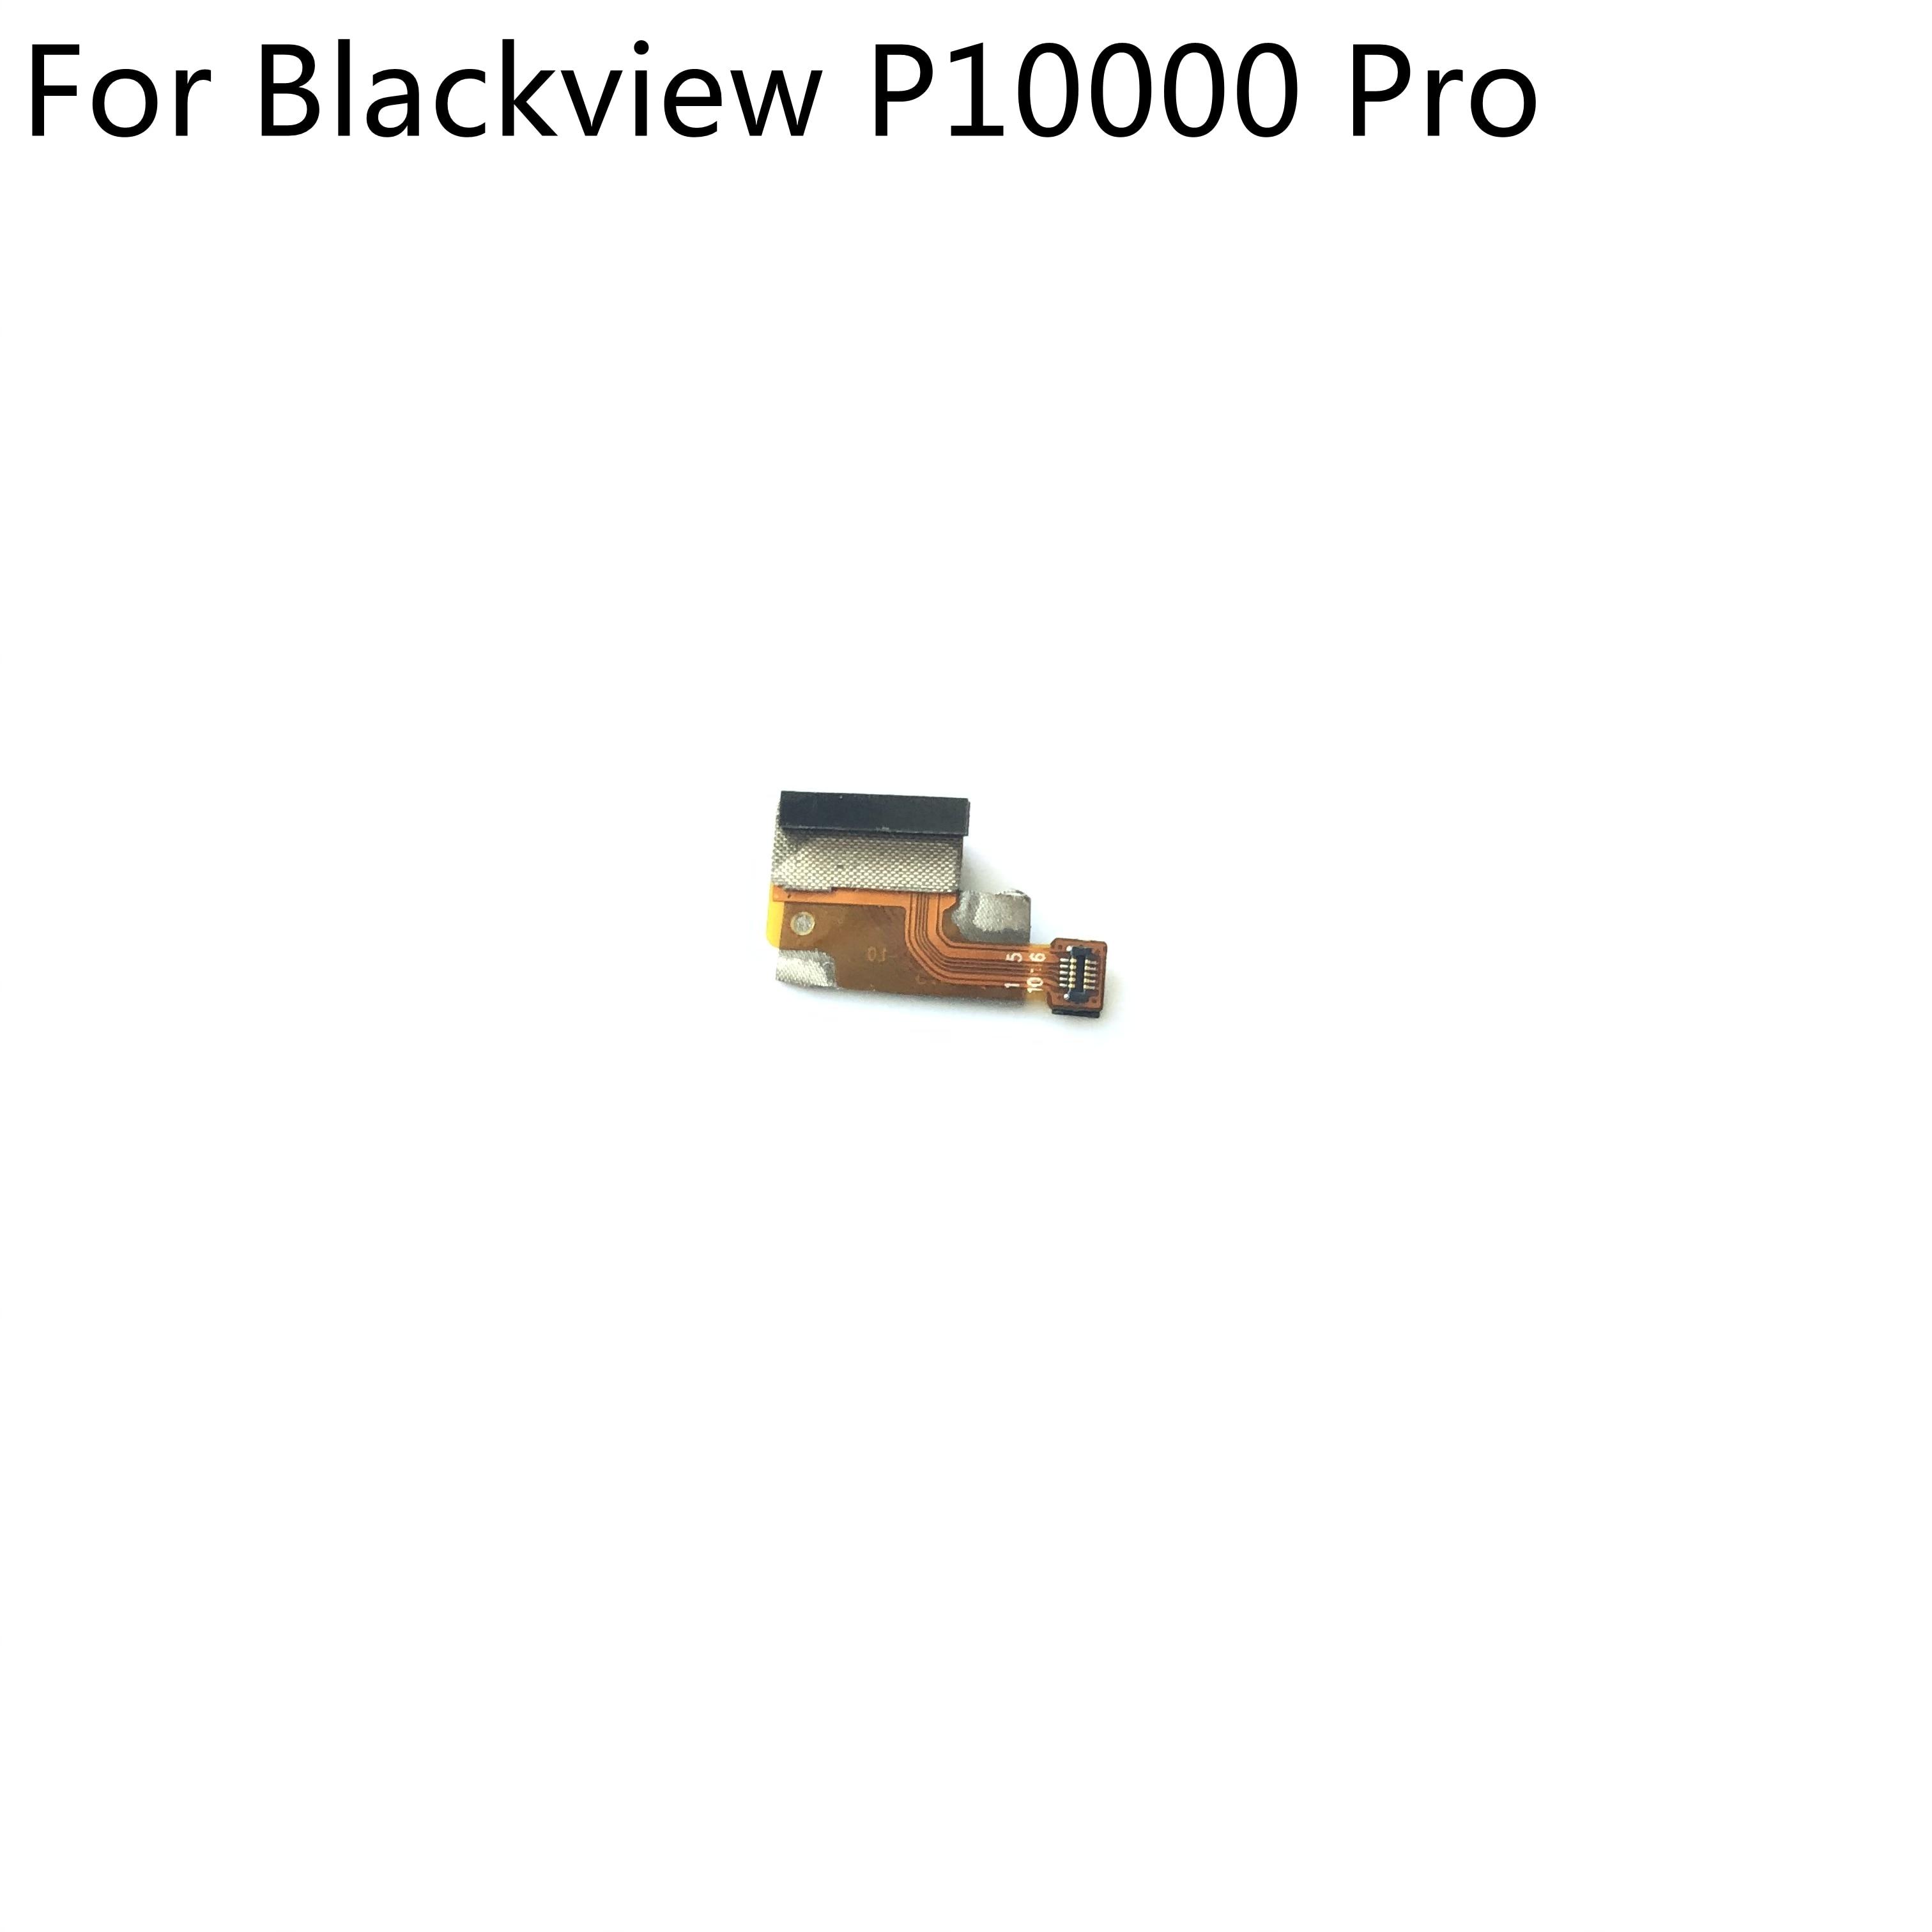 Blackview P10000 Pro используется оригинальный светильник-вспышка с гибким кабелем FPC для смартфона Blackview P10000 Pro MTK6763 5,99 дюйма 2160x1080